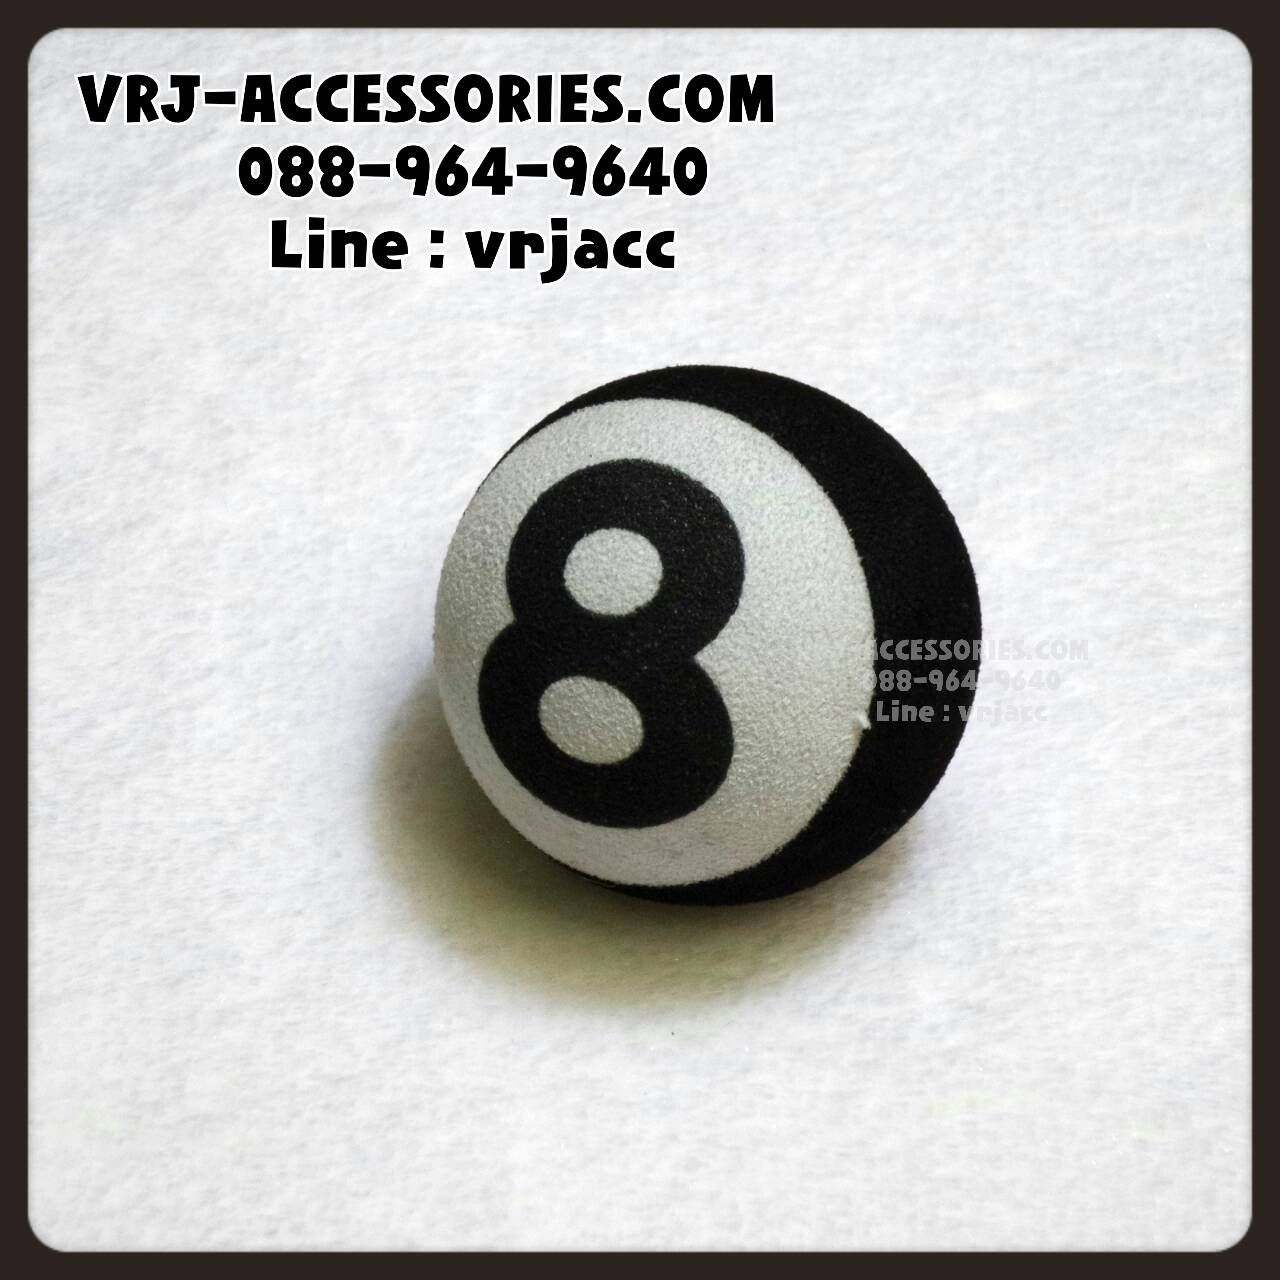 Vj1474 ลูกบอลเสียบเสาอากาศ 8: Antenna topper